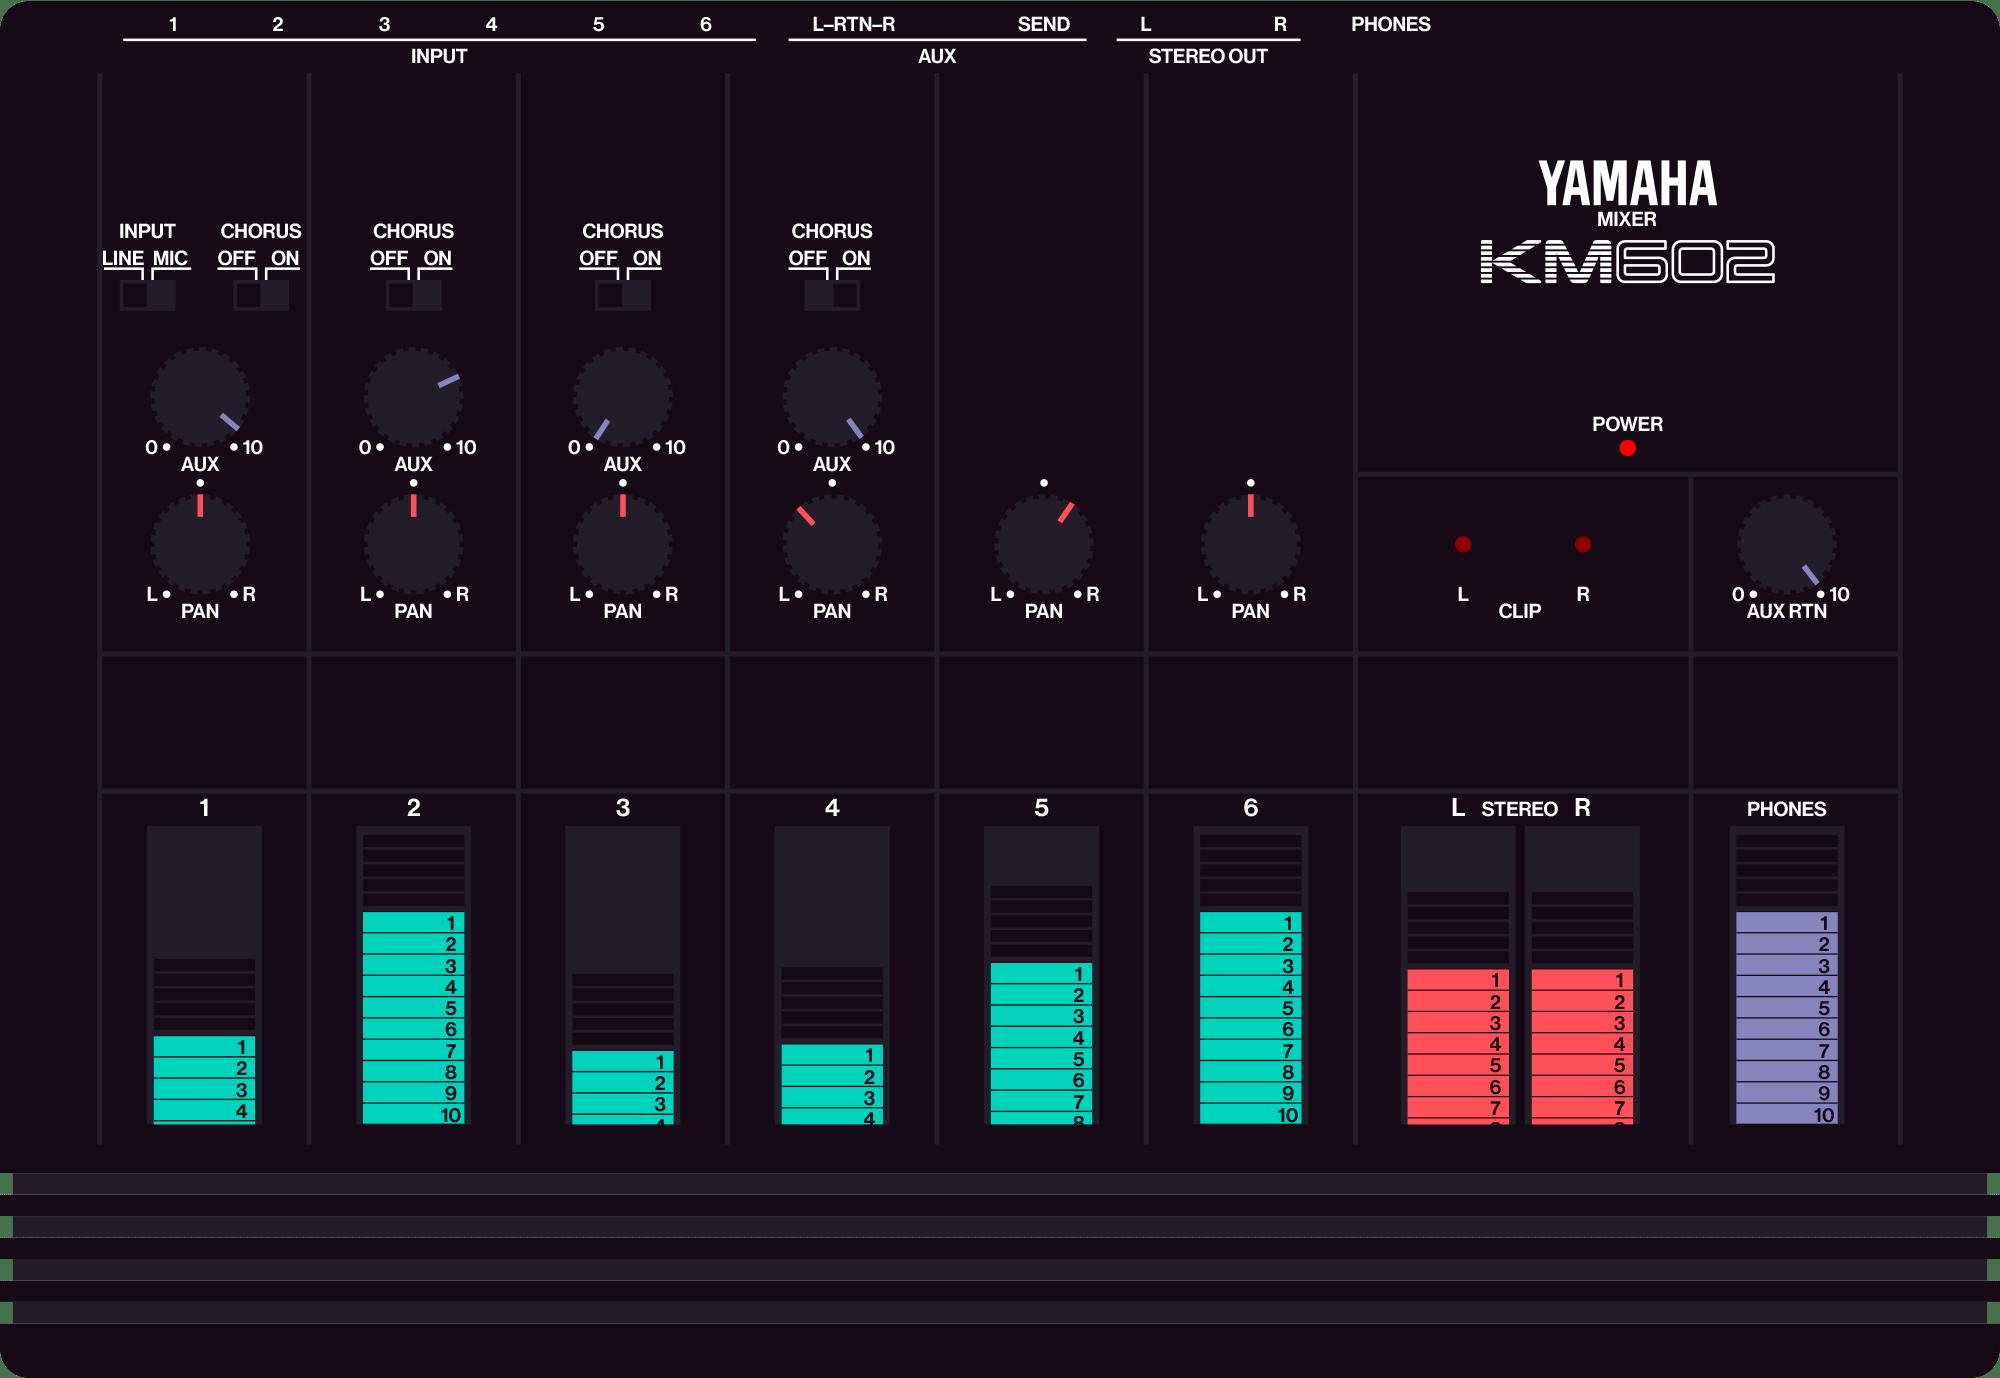 Yamaha KM602 mixer chorus